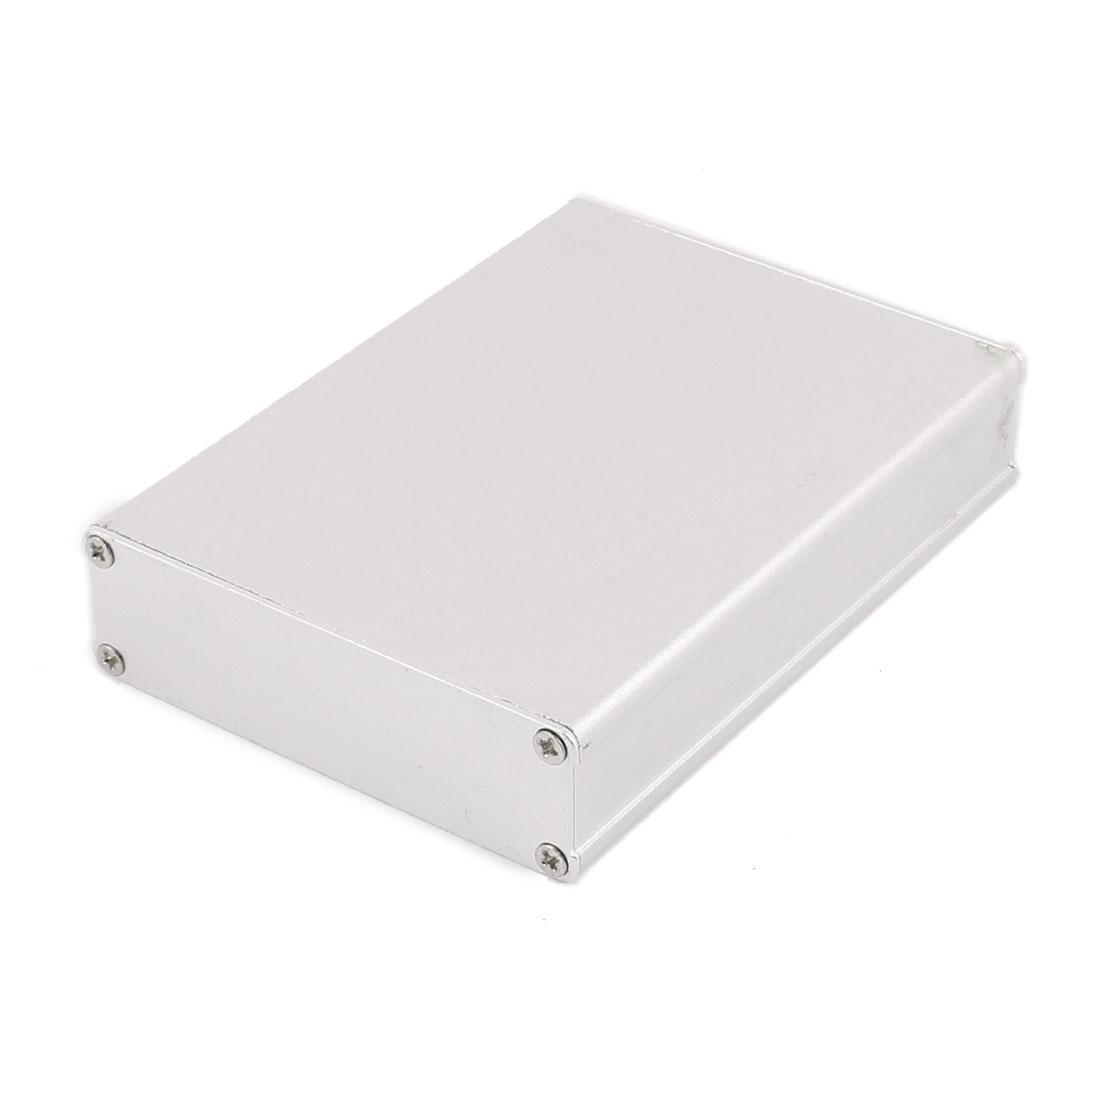 102 x 74 x 22mm Multi-purpose Electronic Extruded Aluminum Enclosure Box